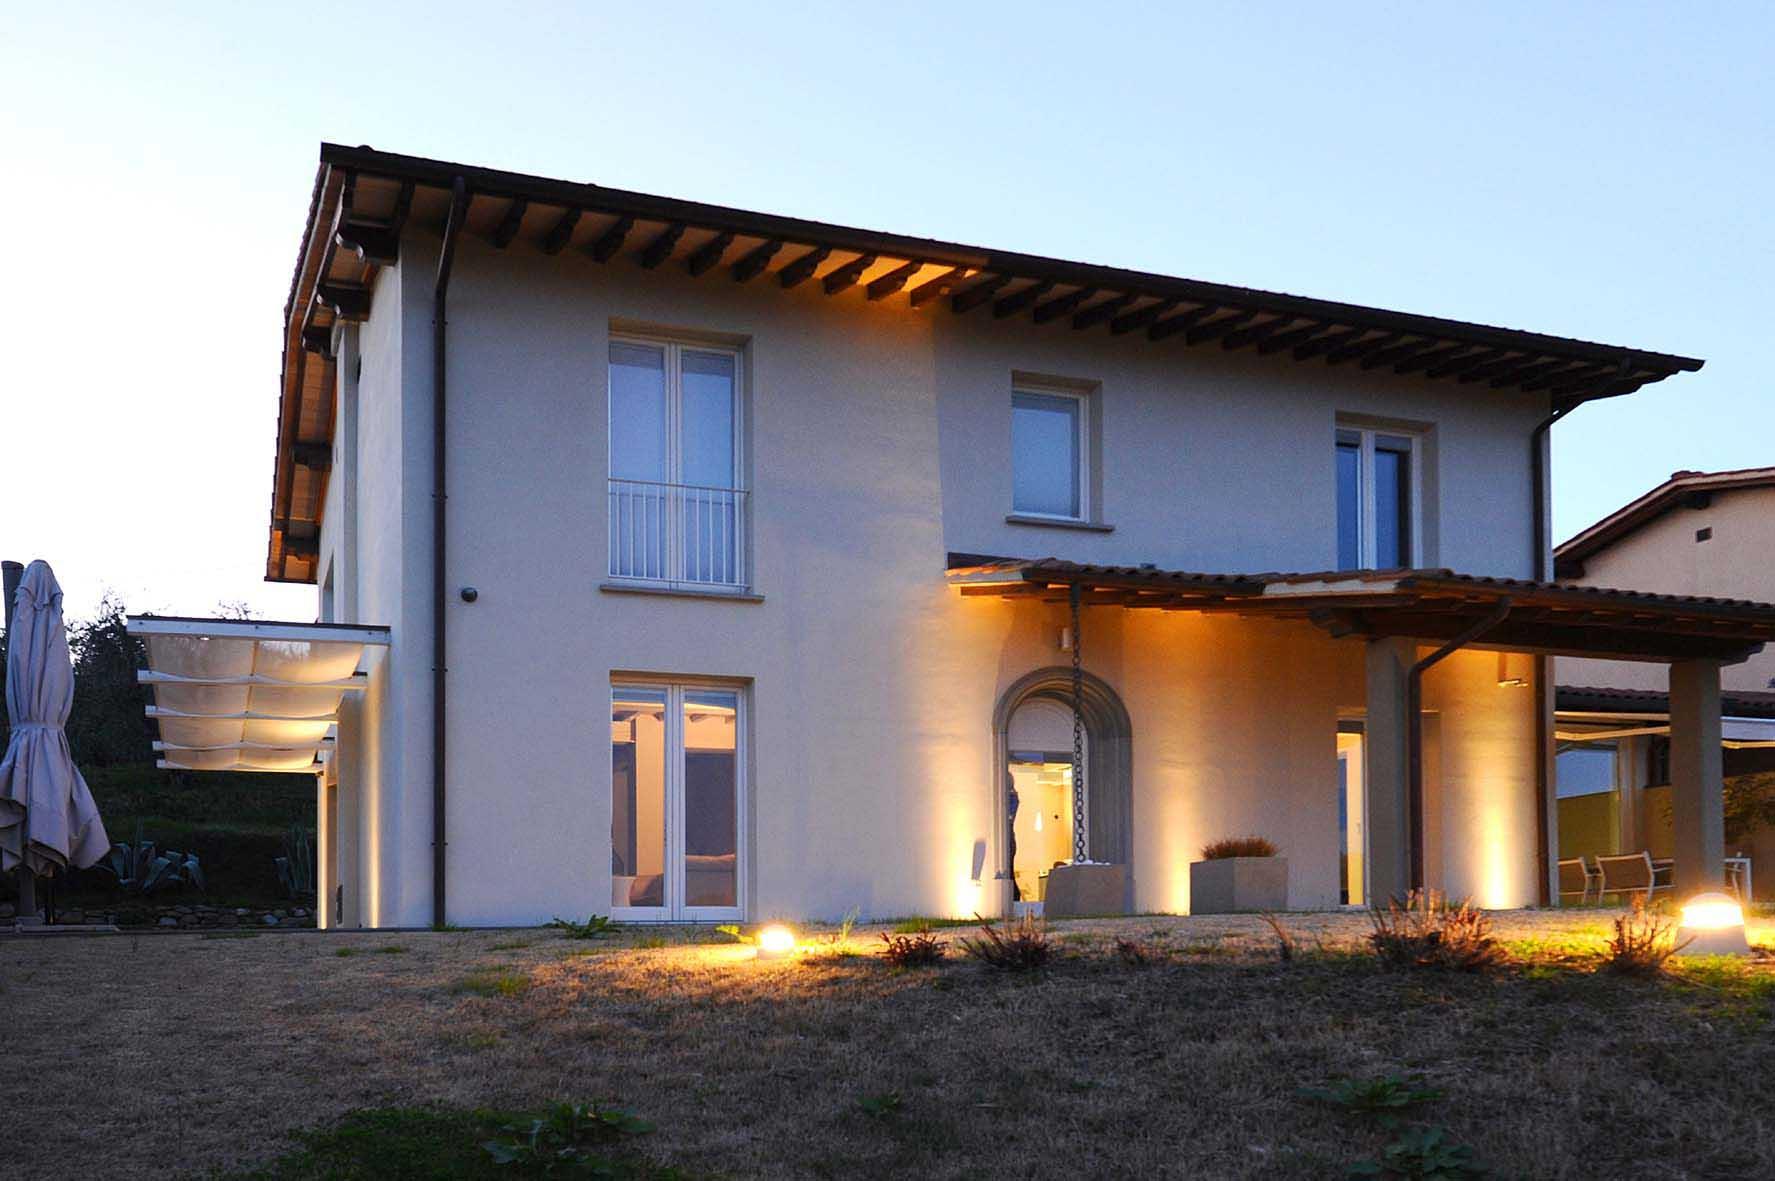 Villa in vendita a Massa e Cozzile, 16 locali, zona Zona: Massa, prezzo € 950.000 | CambioCasa.it